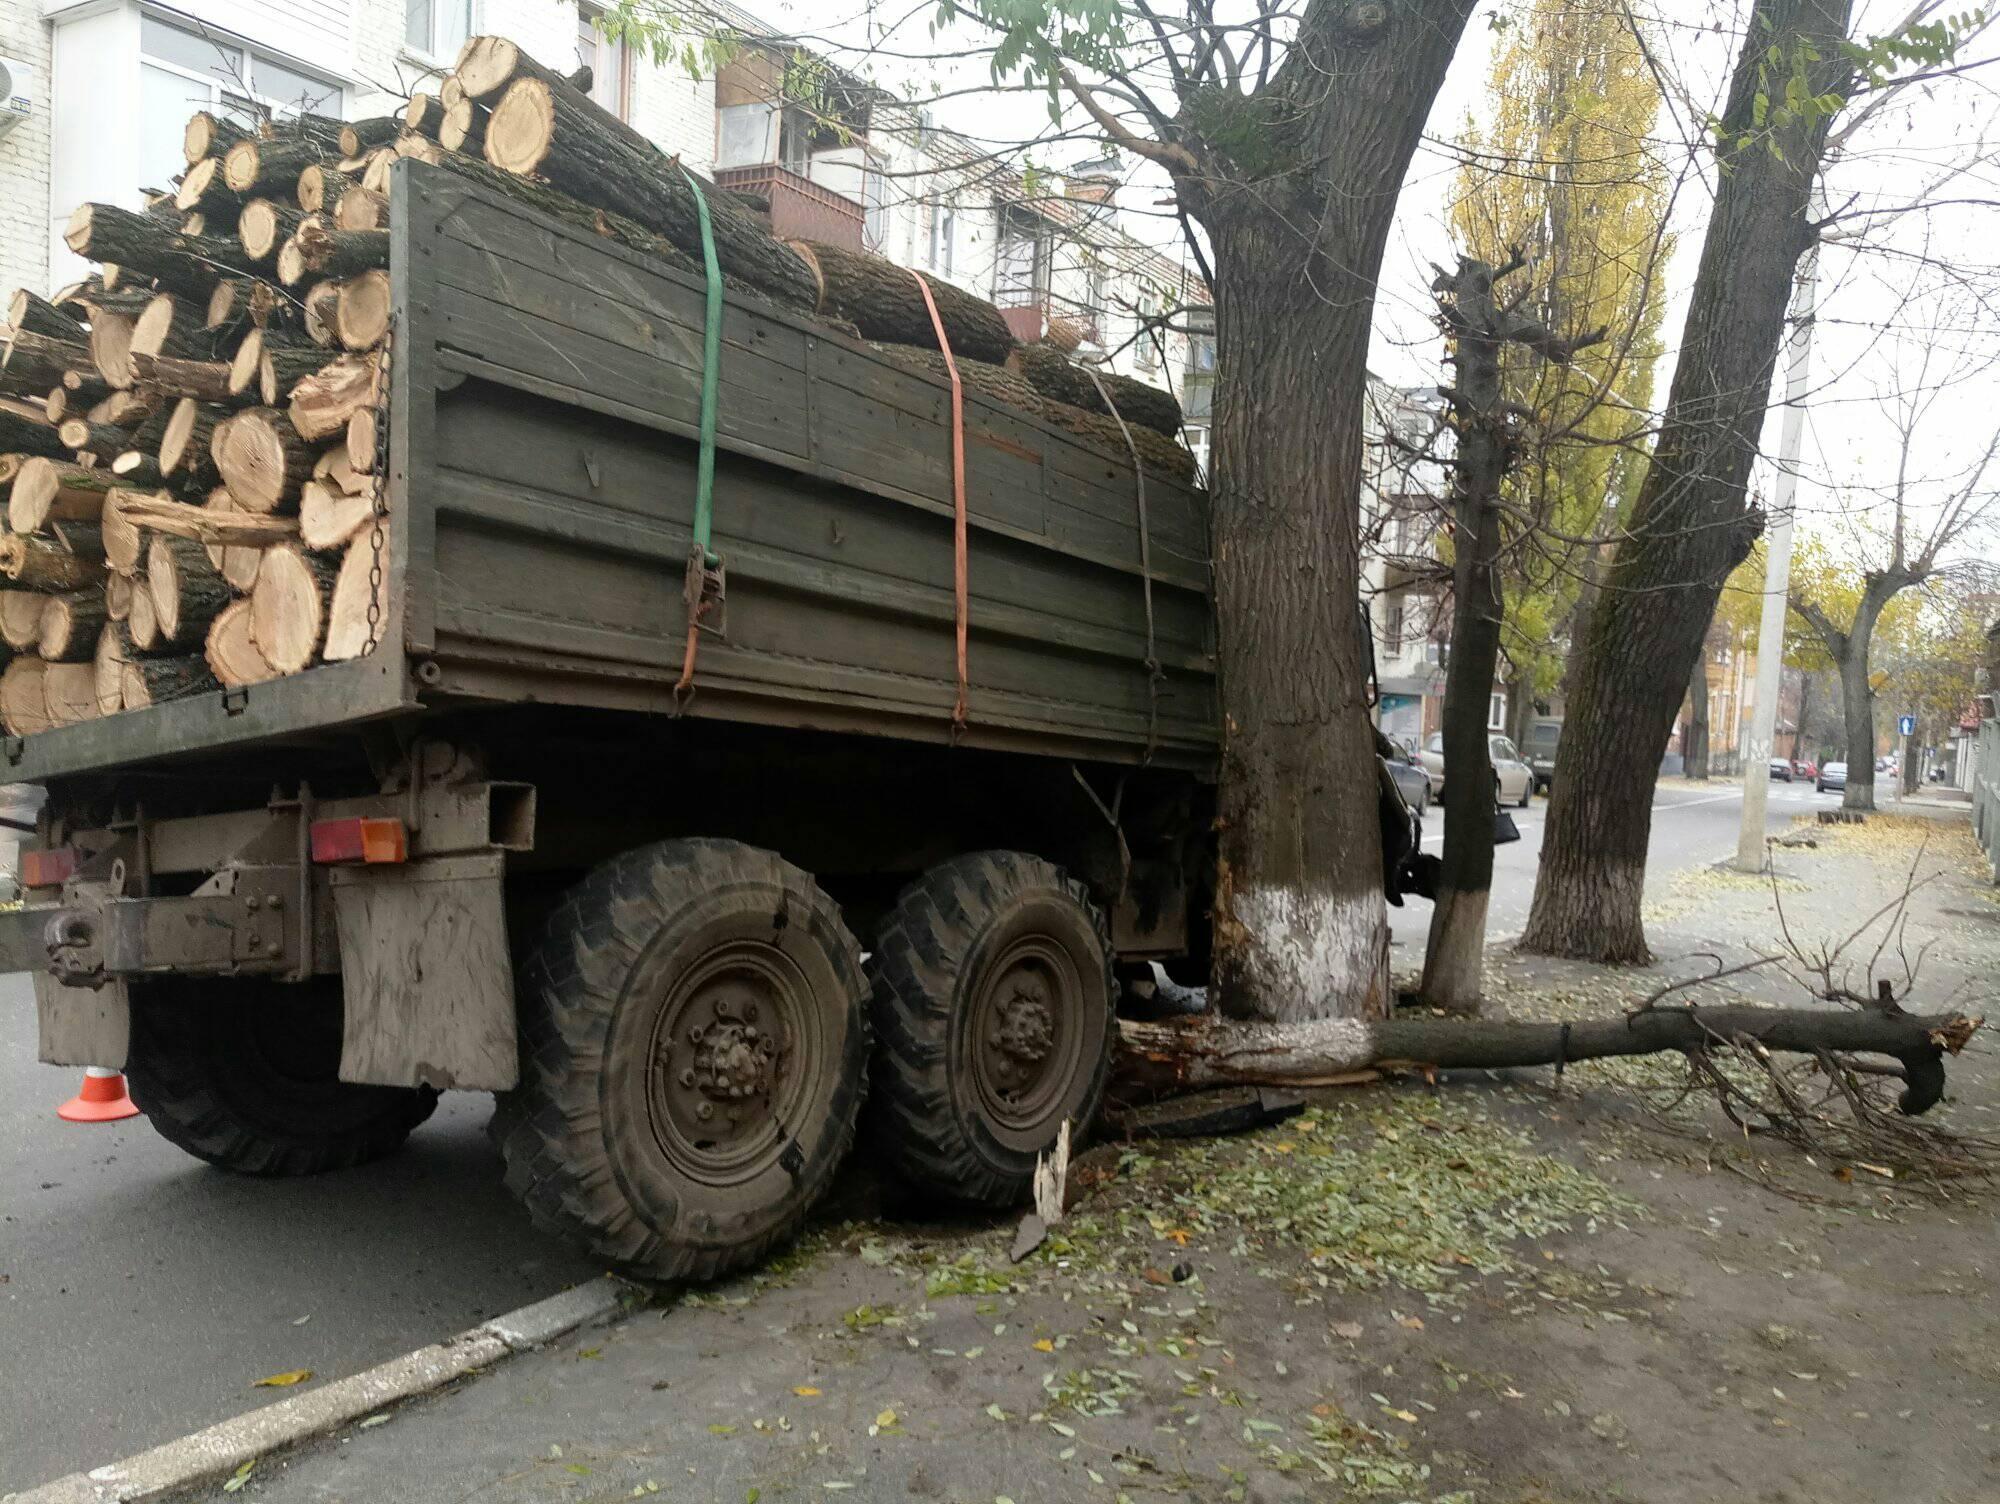 Без Купюр У Кропивницькому вантажівка з дровами і несправними гальмами наламала дров, врізавшись у дерево. ФОТО Події  Кропивницький ДТП вантажівка